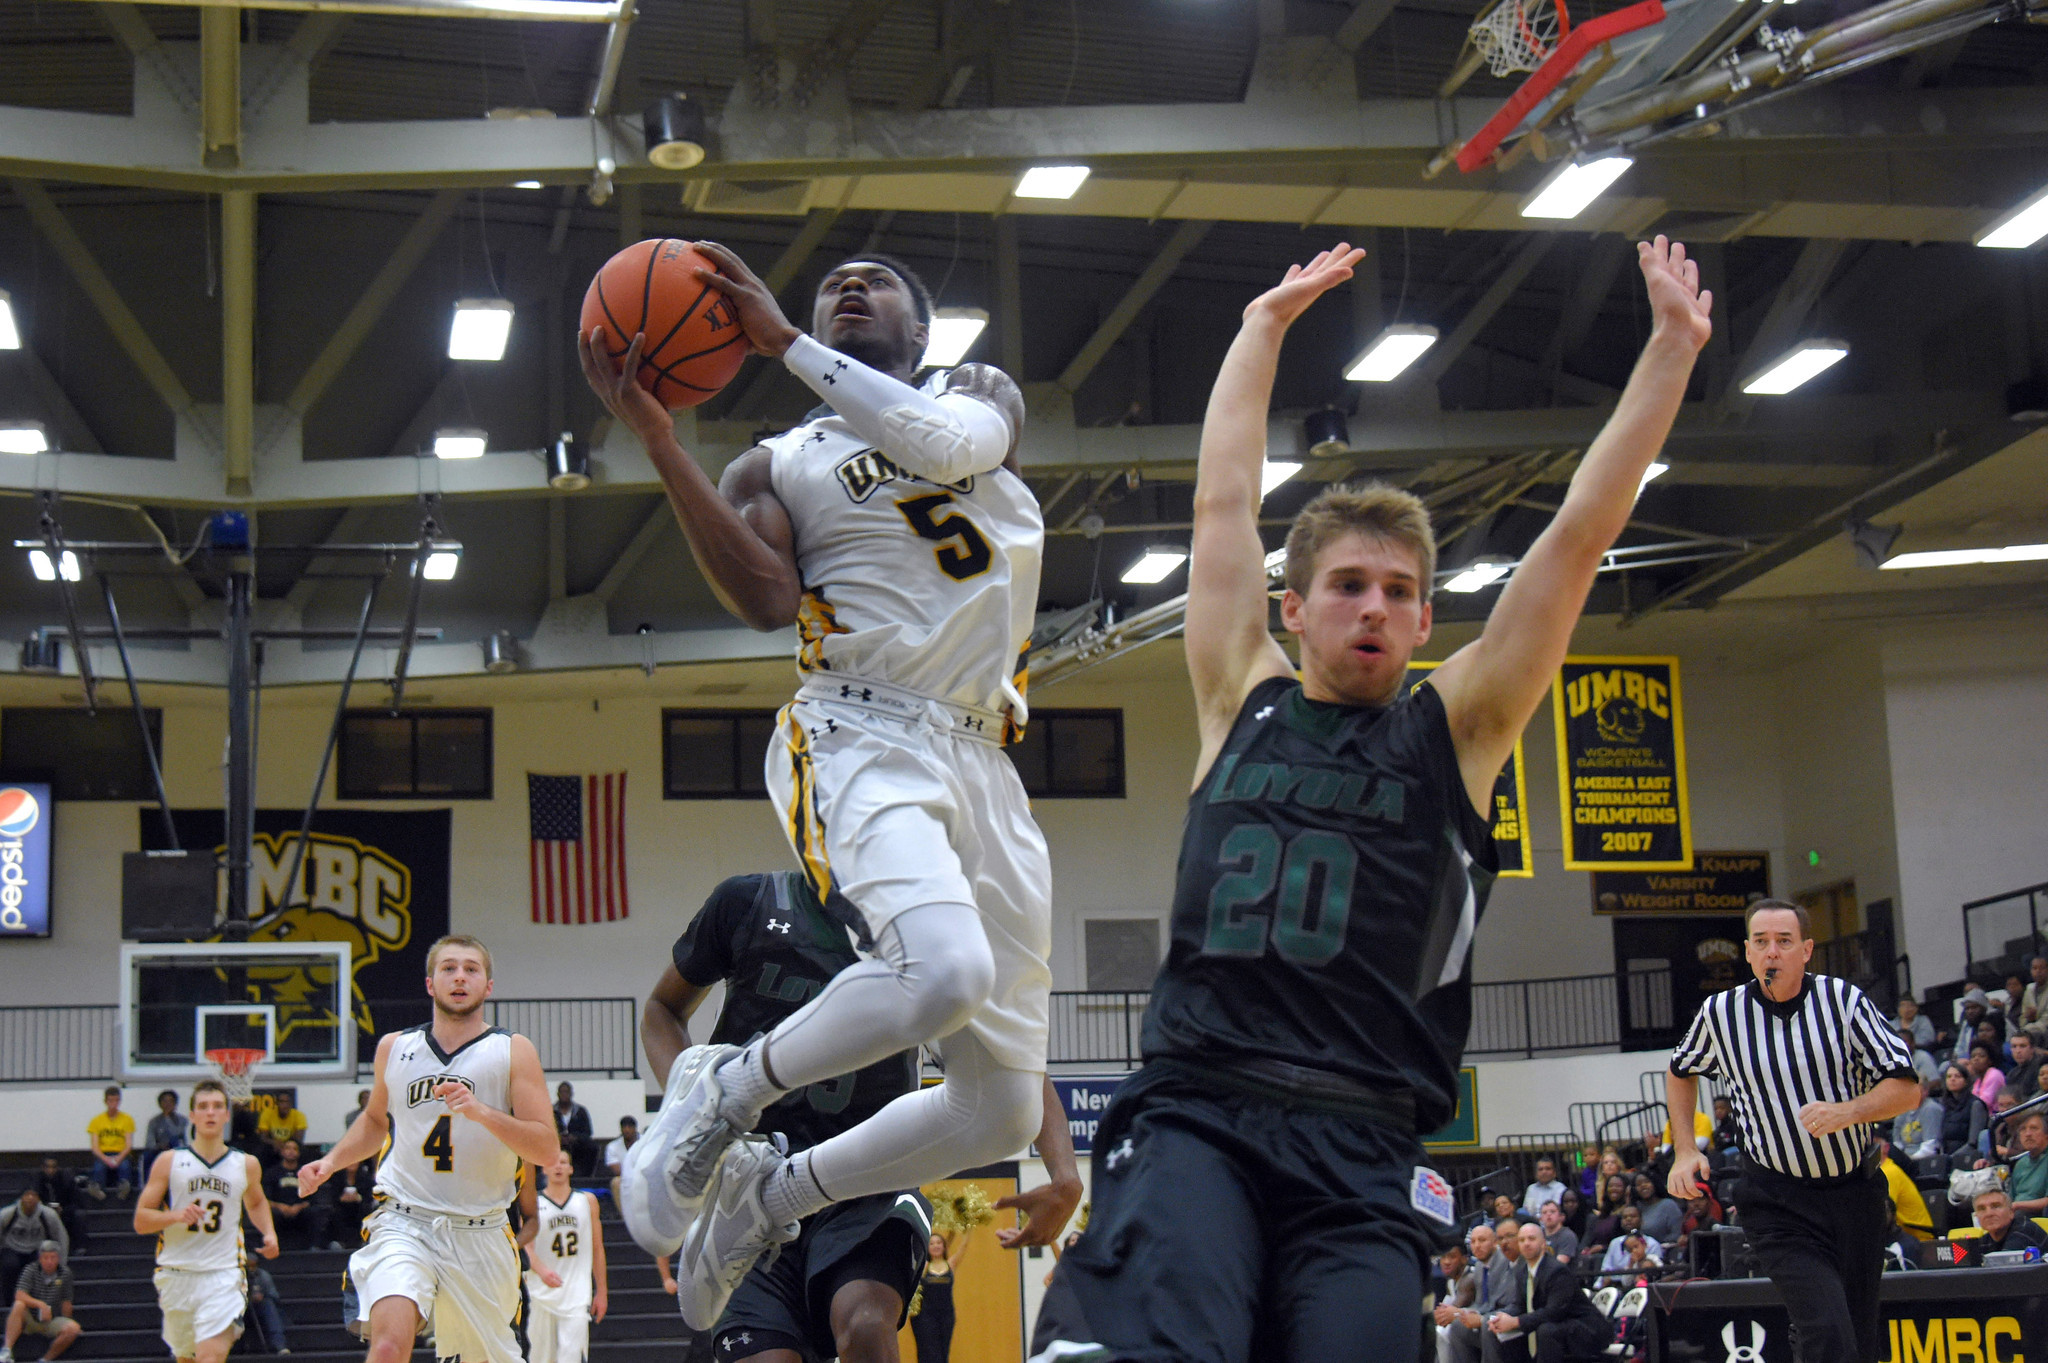 043716dca9a Loyola-UMBC men's basketball - Baltimore Sun